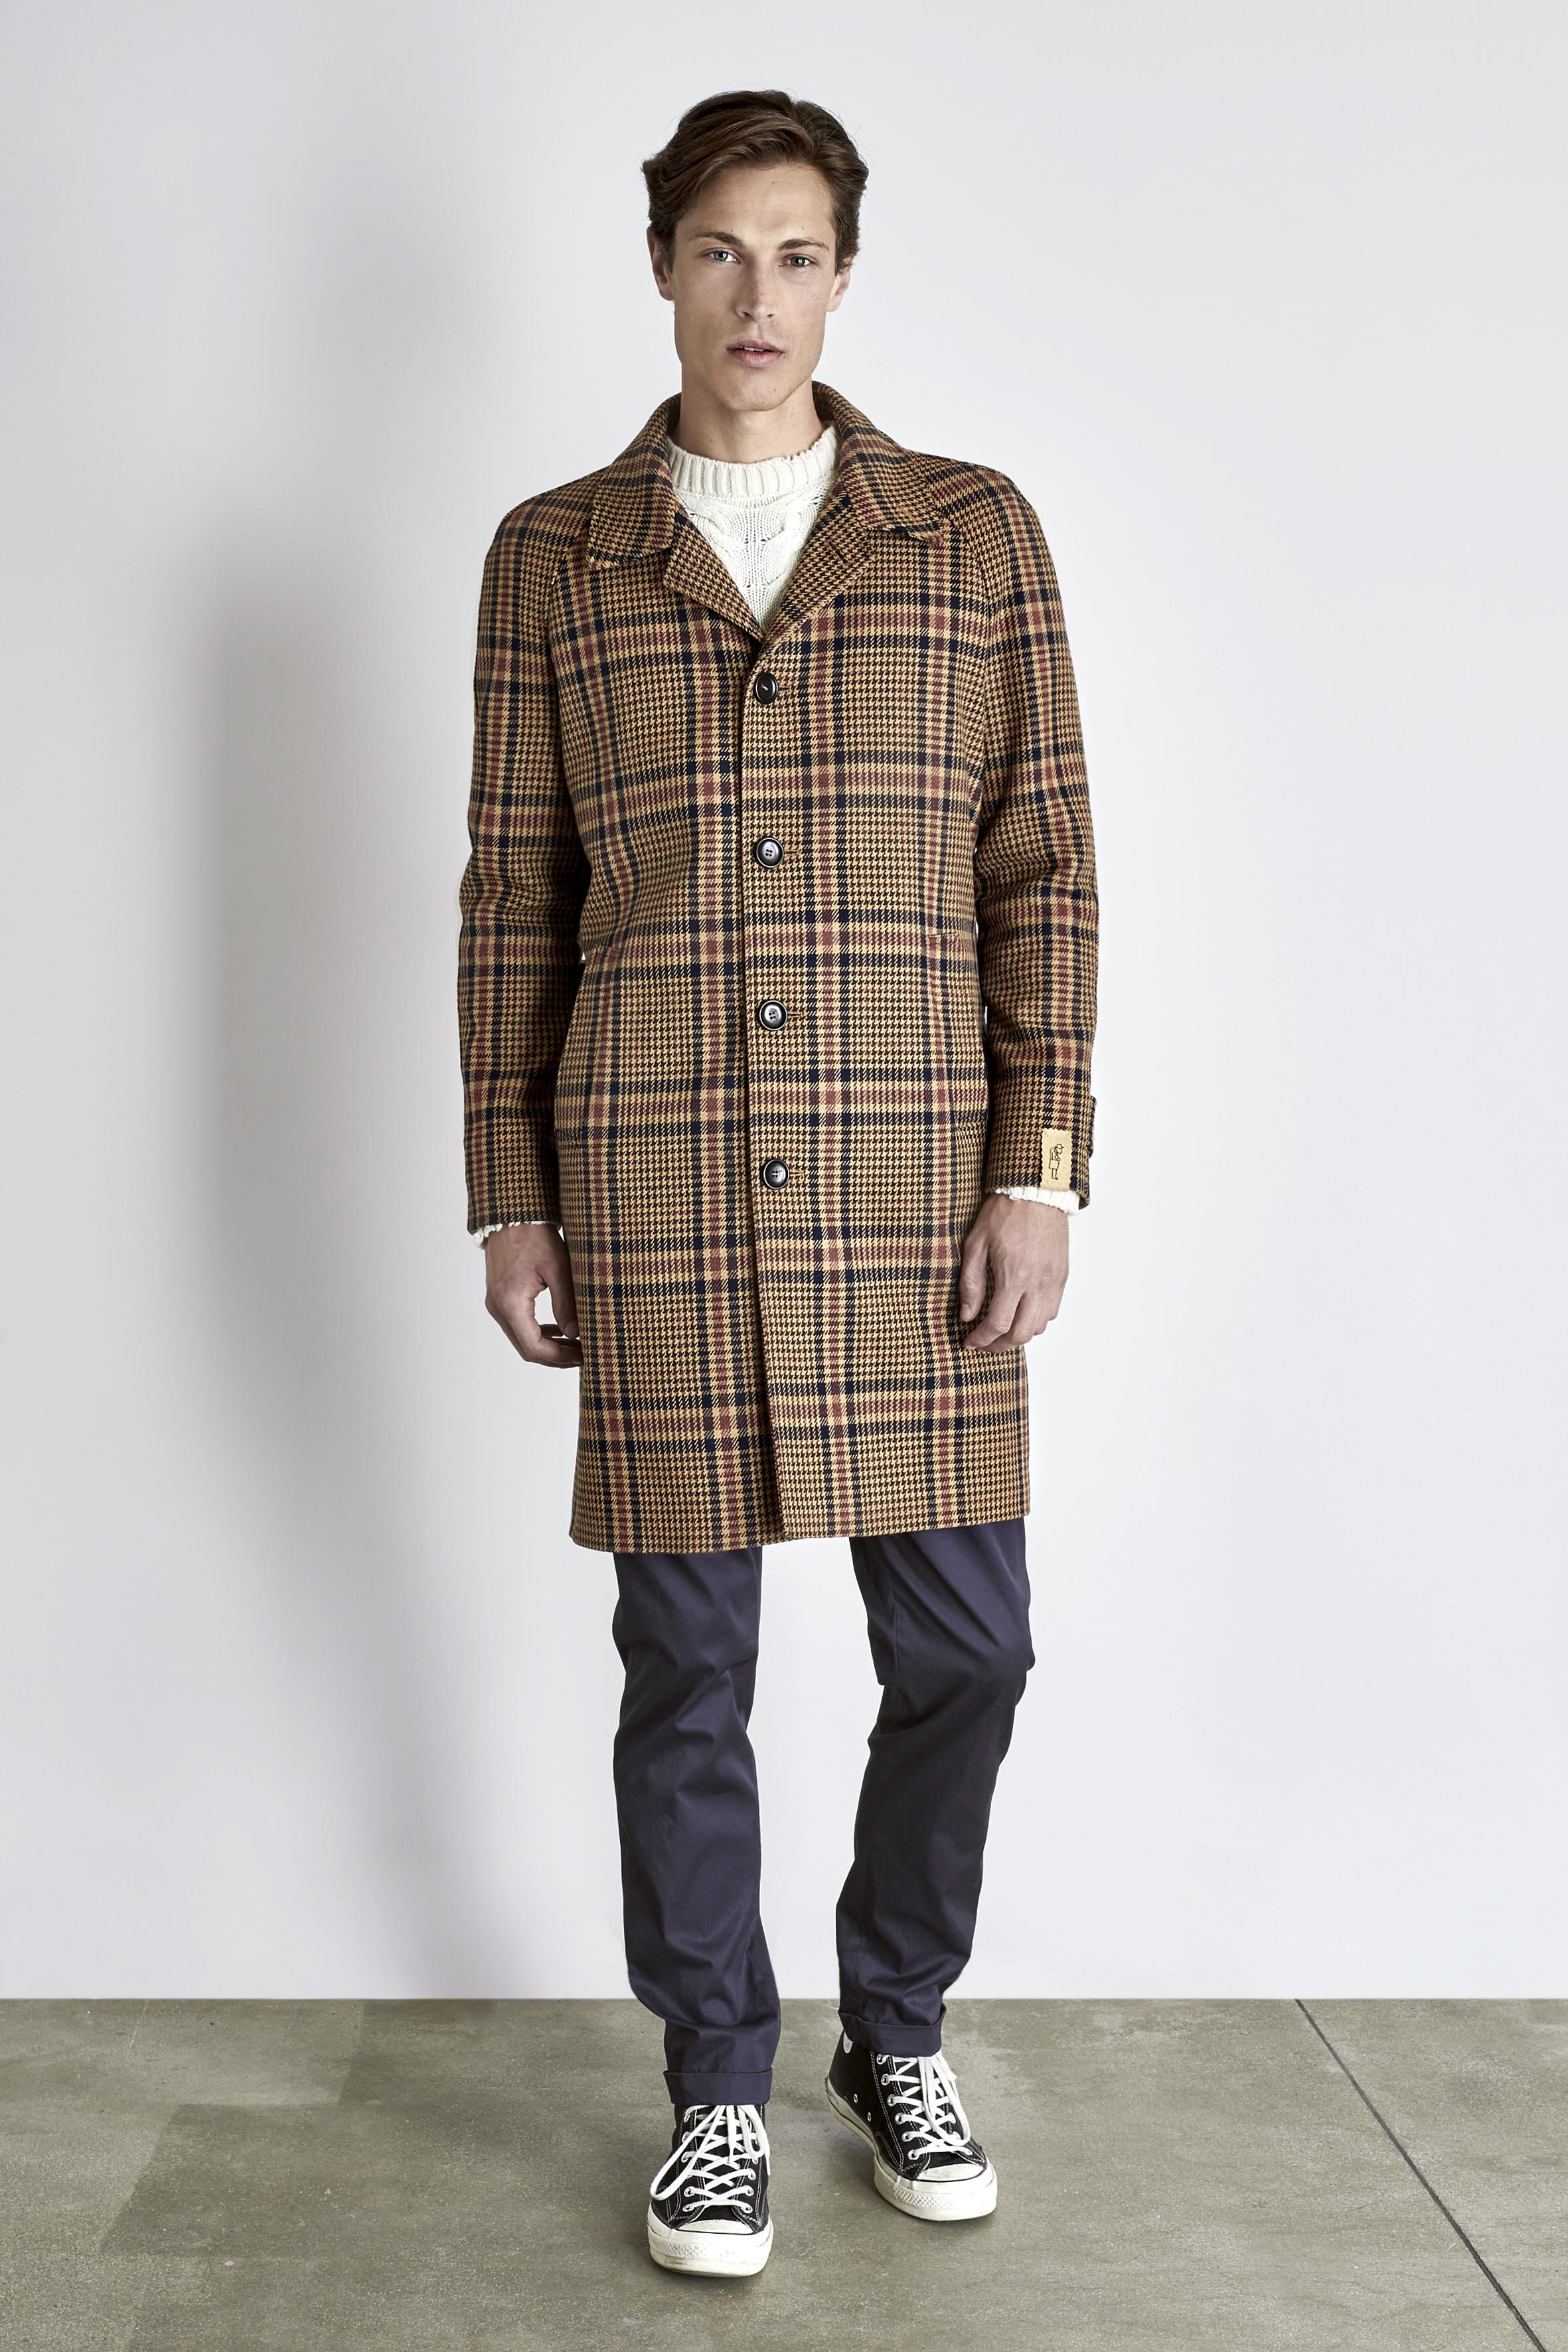 cappotto uomo anni 60